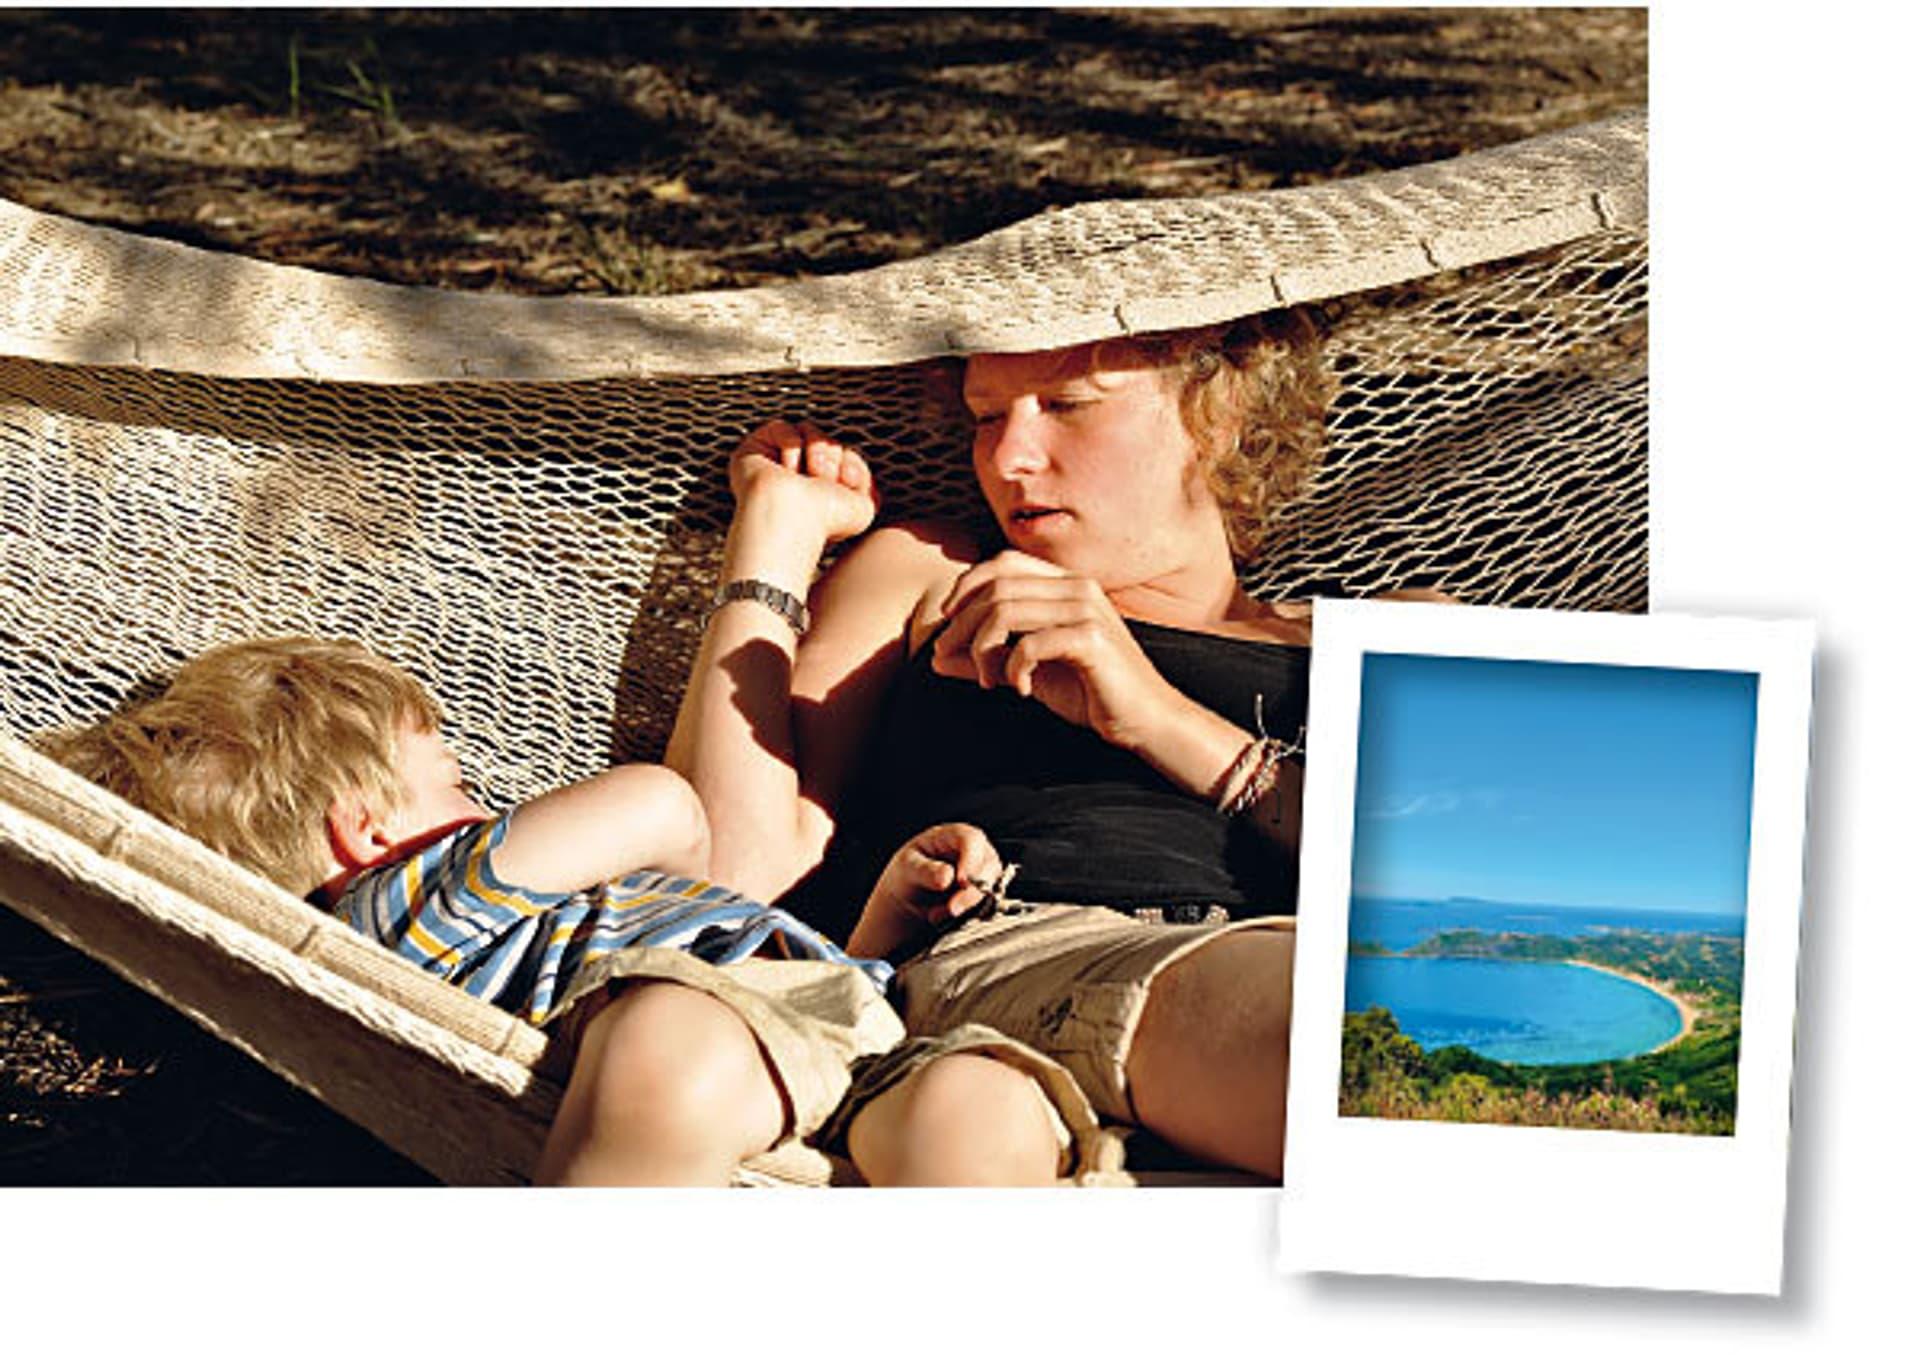 Eine Frau und ein Kind in einer Hängematte